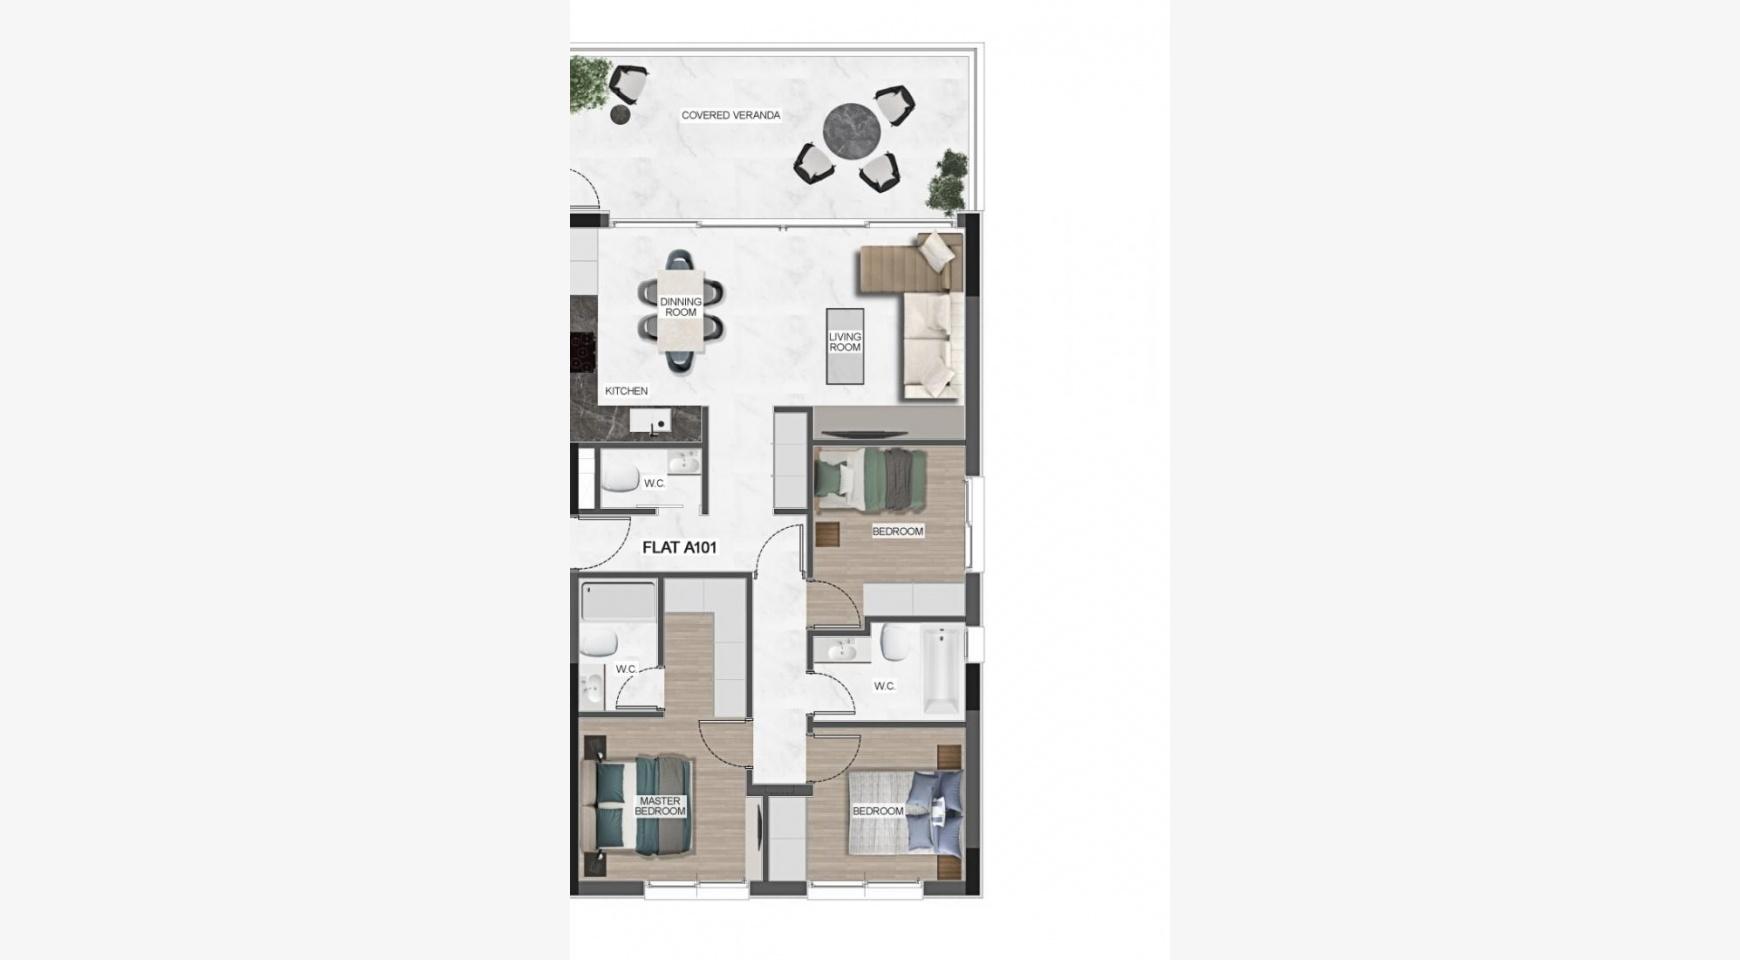 Urban City Residences, Кв. В 501. 3-Спальная Квартира в Новом Комплексе в Центре Города - 47